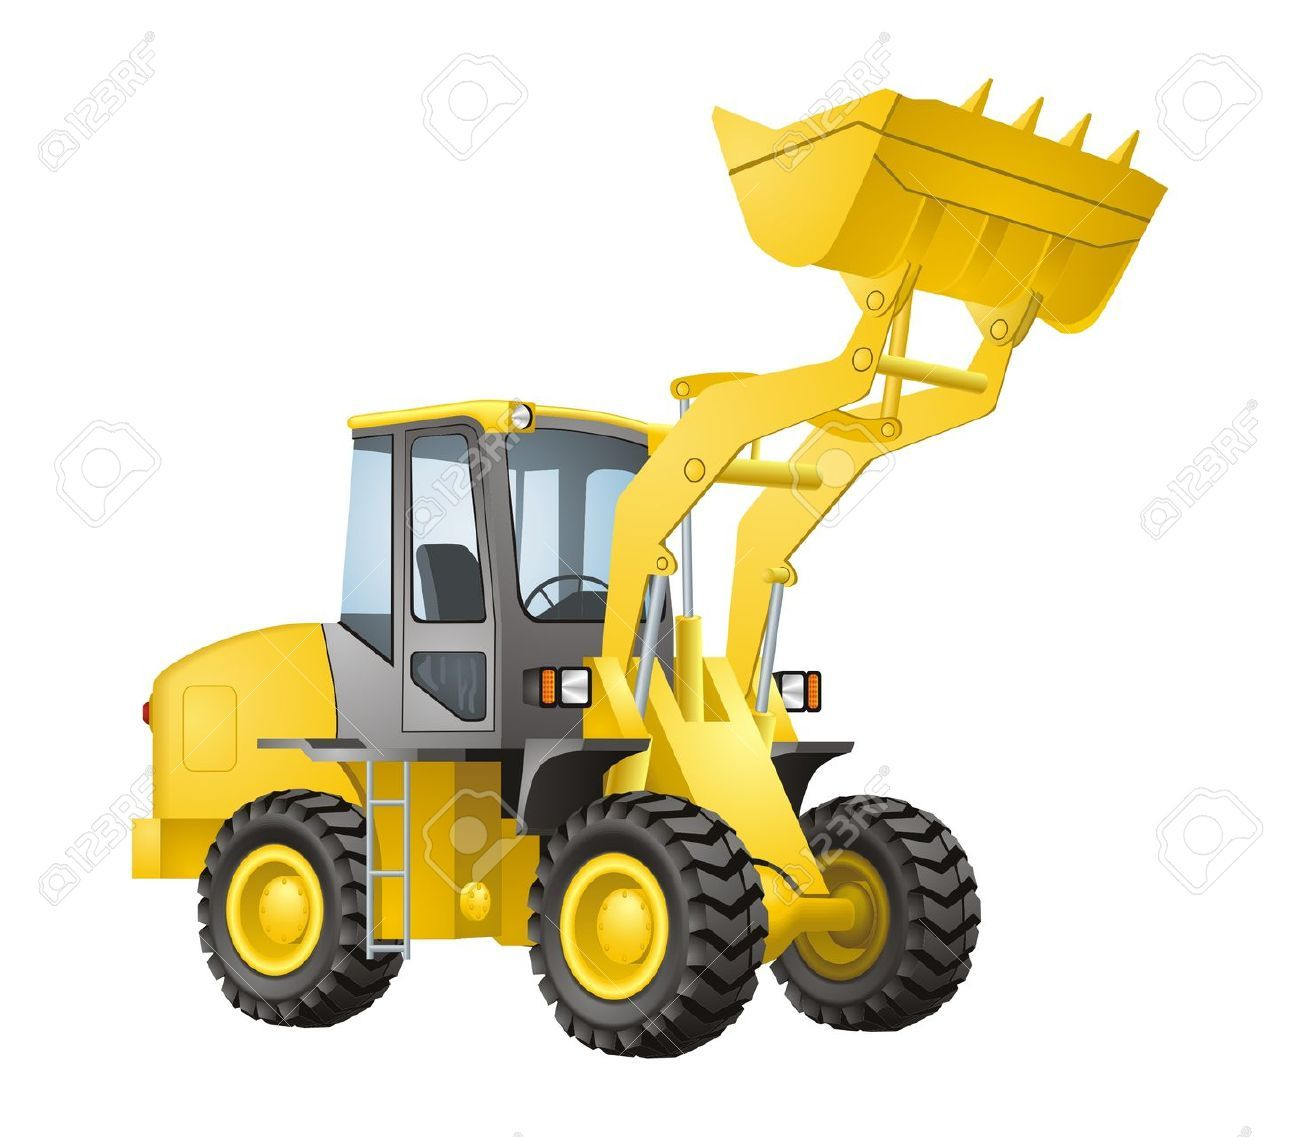 Excavator vector Stock Vector.